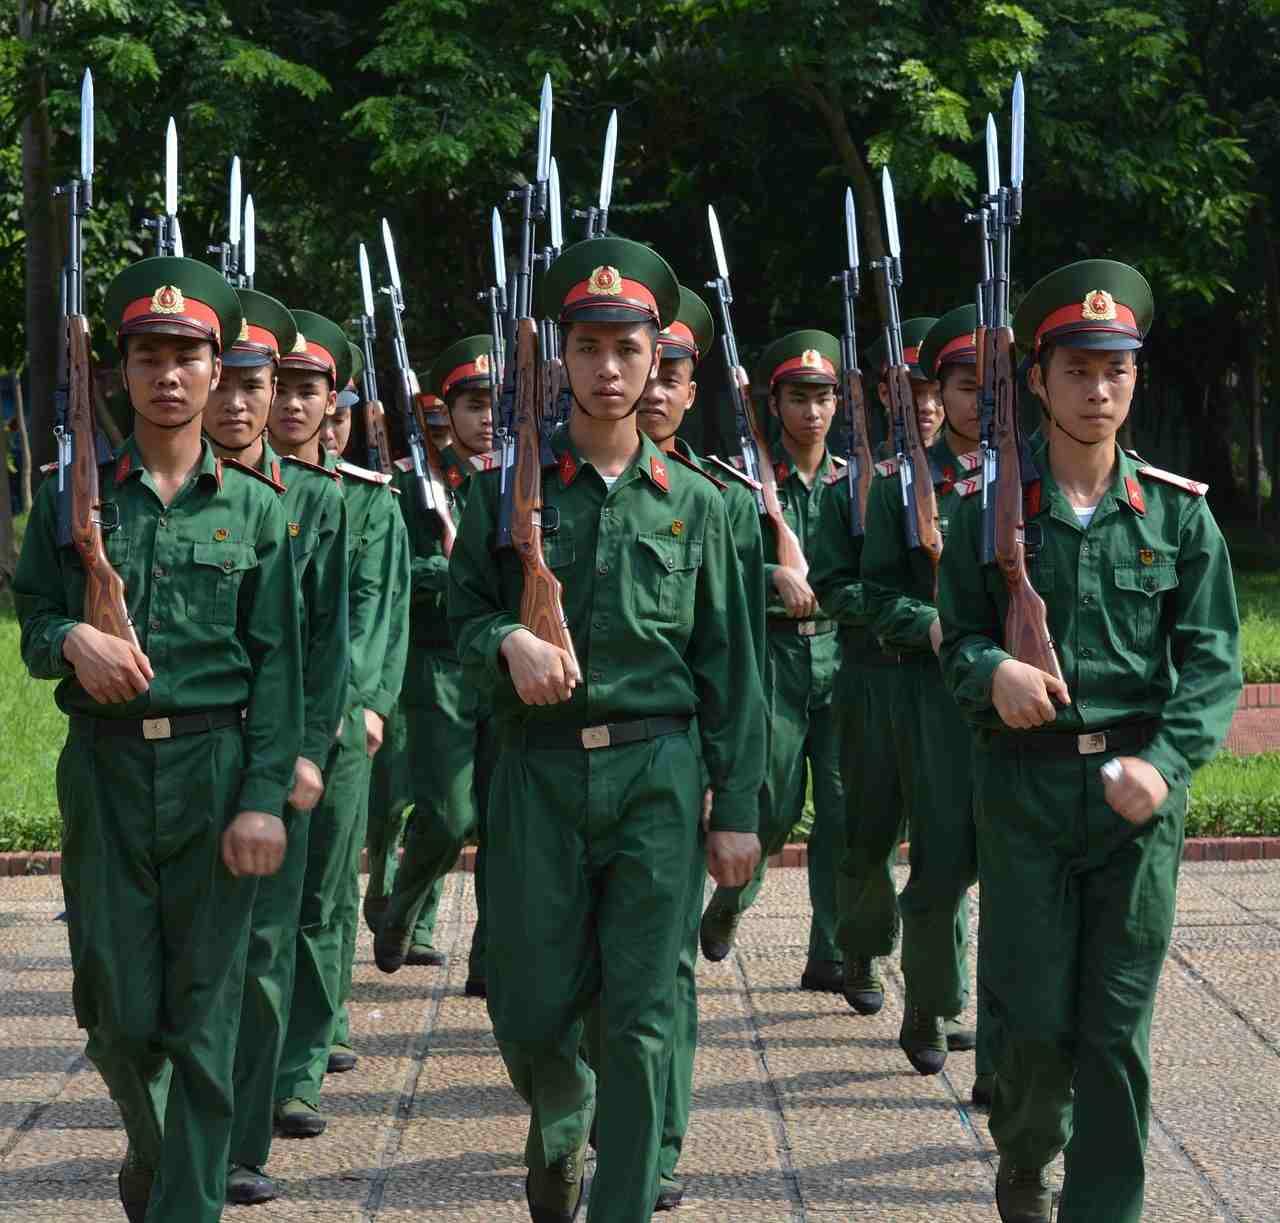 Żołnierze maszerują. Musztra. regulamin zawodów